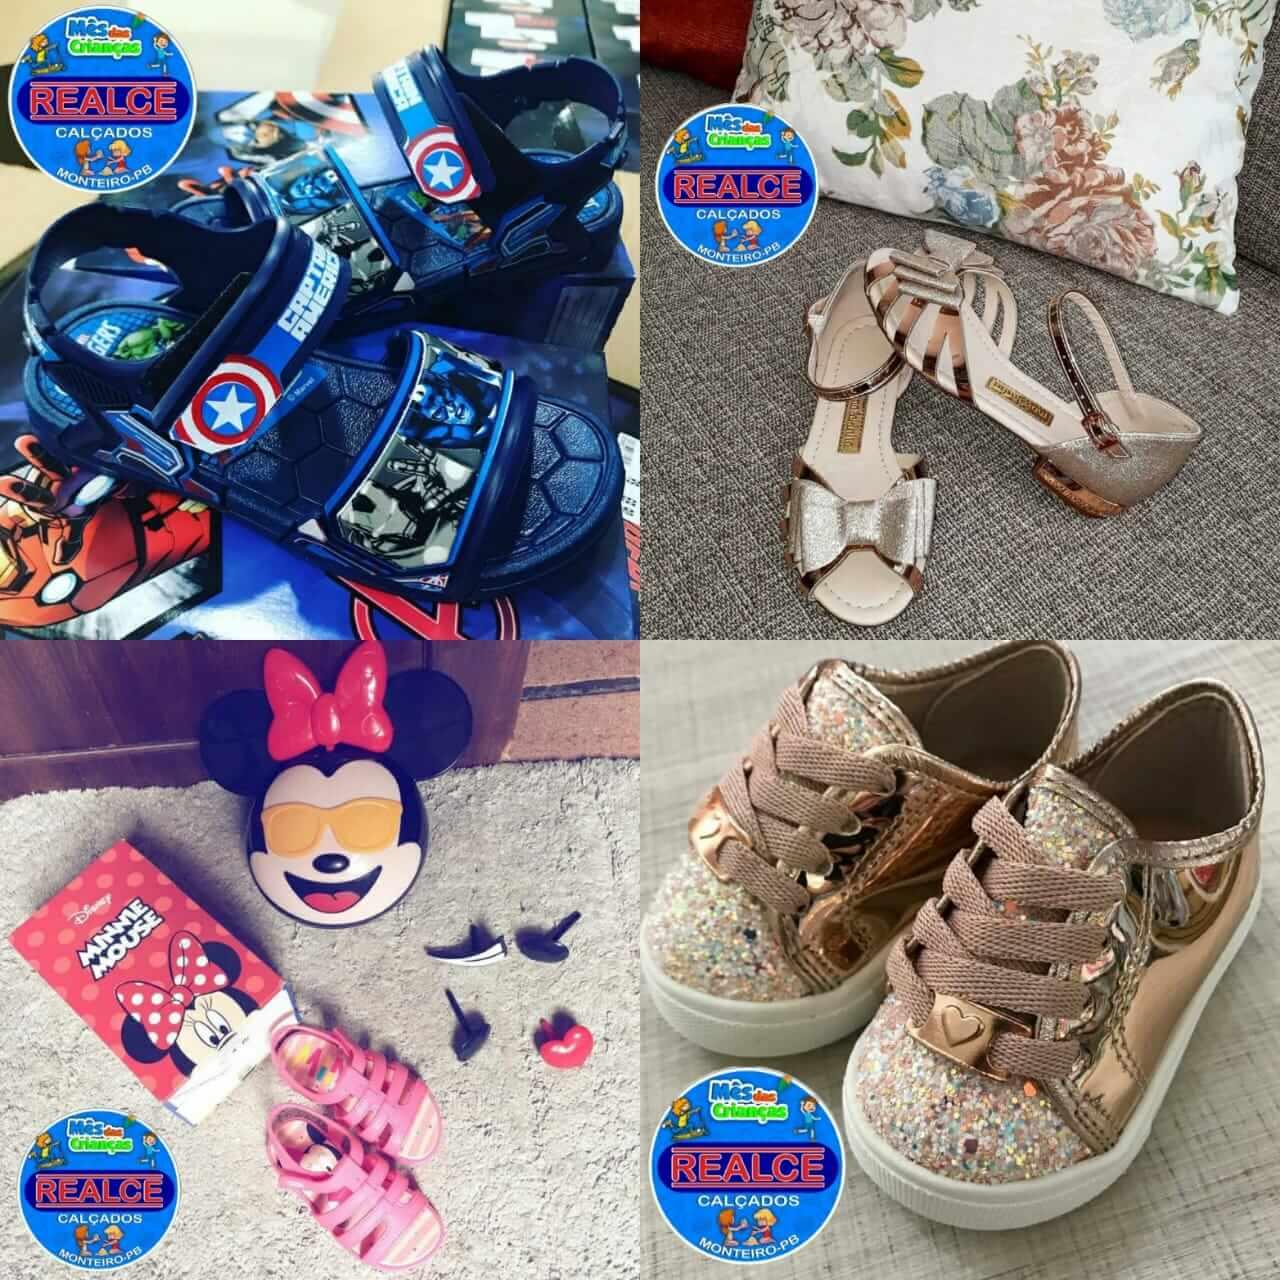 5c0d6afe-e22c-4692-af14-f98f672c774d-1024x1024 OFERTAS: Dia das Crianças Realce Calçados Monteiro